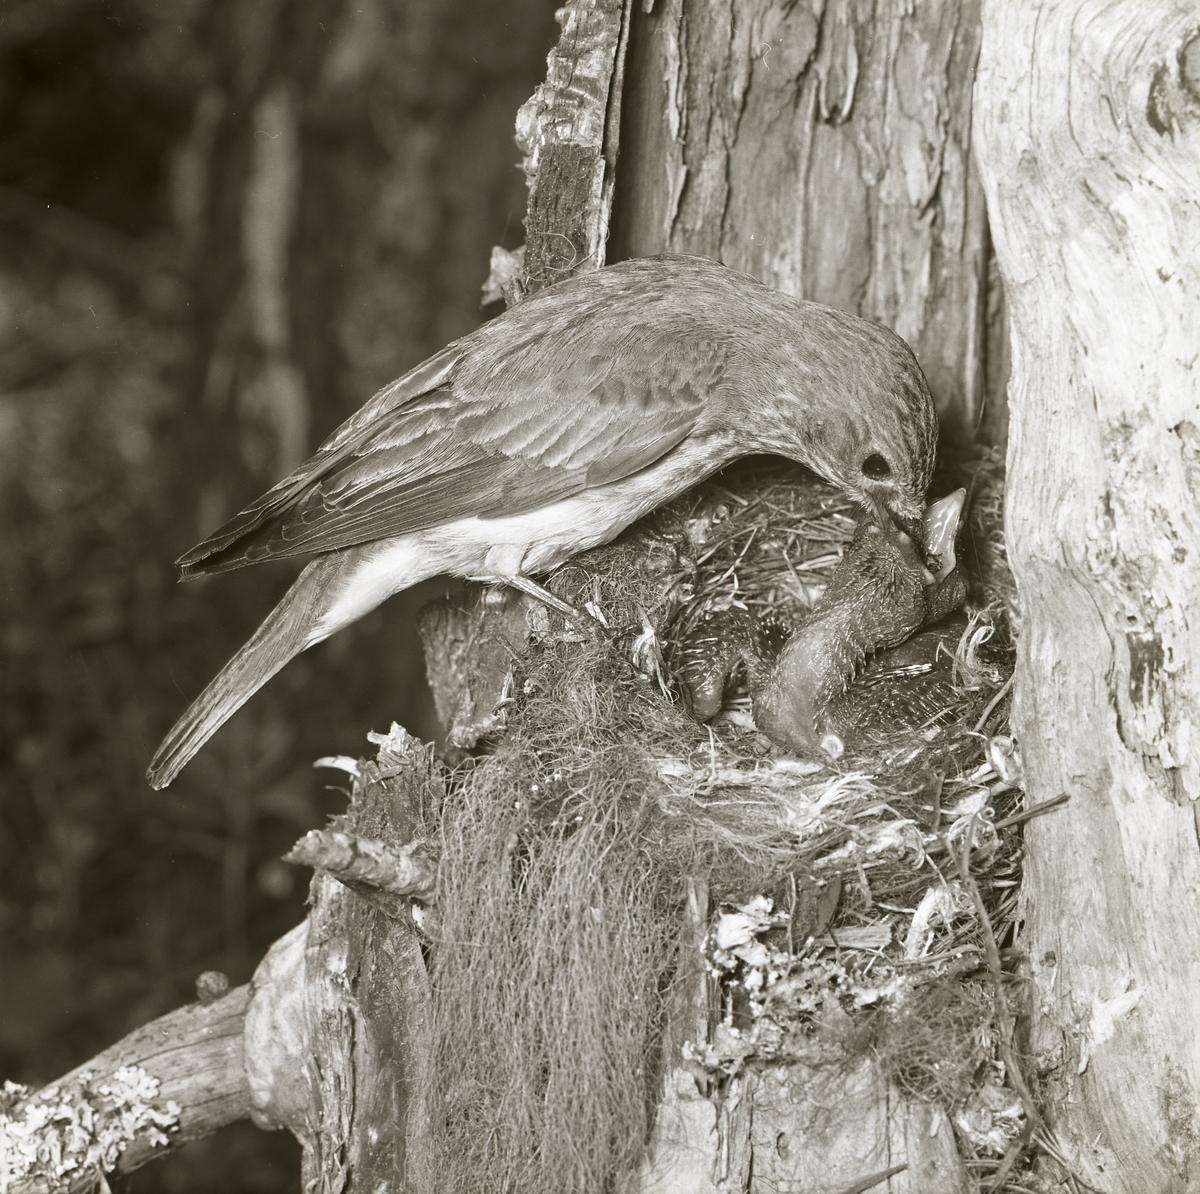 En fågelhona har landat vid sitt bo och har i sin näbb mat till gökungen. Honan släpper maten direkt i ungens näbb. Bilden fångas av fotograf Hilding Mickelsson sommaren 1961.